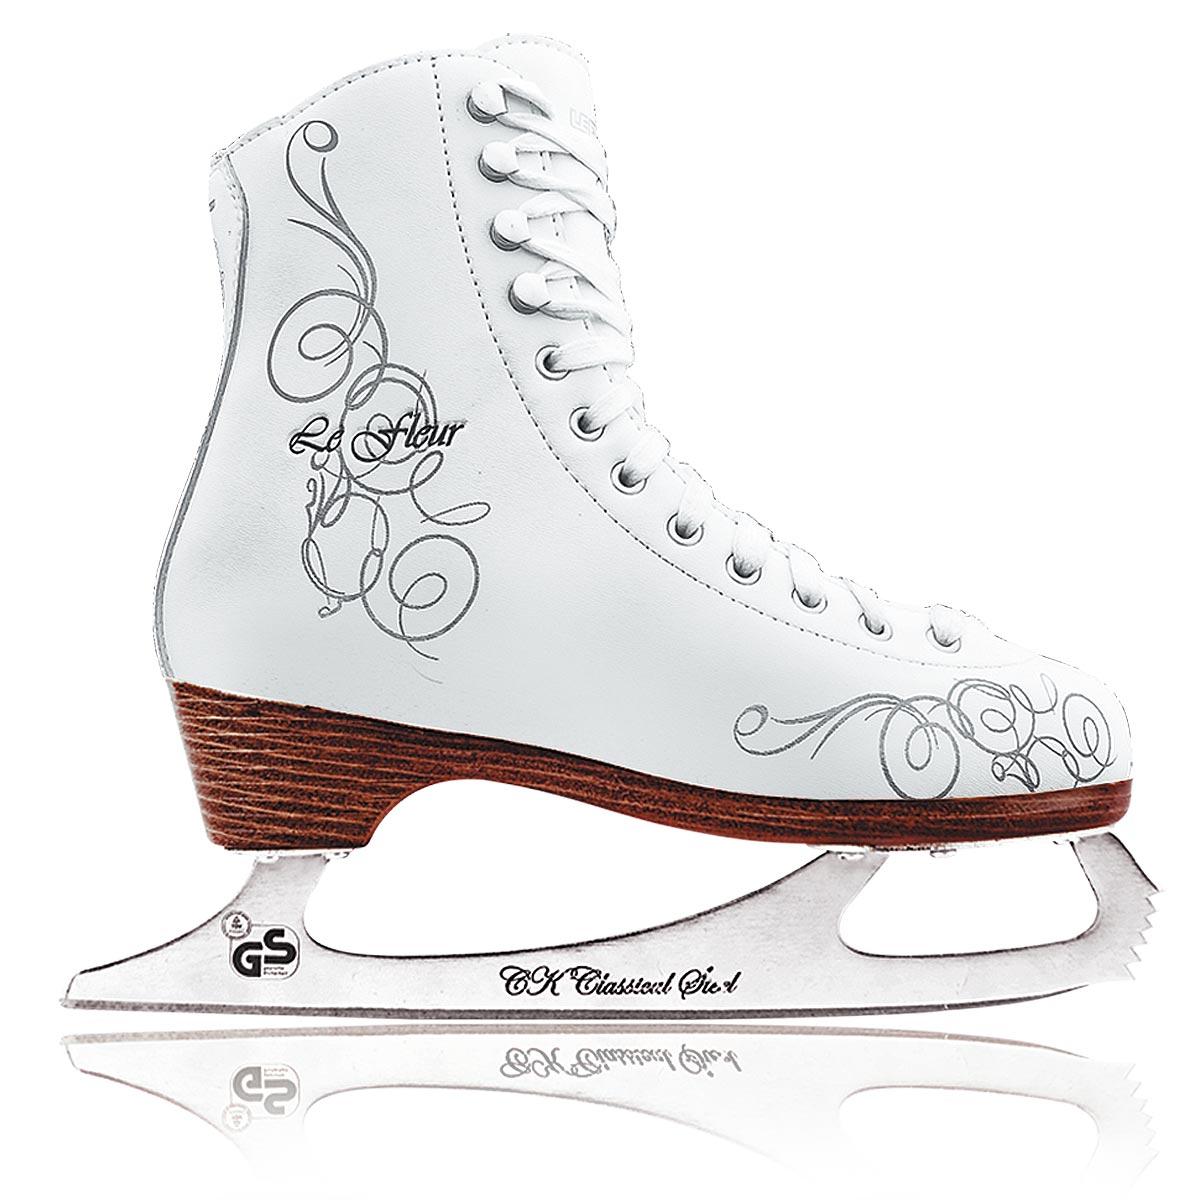 Коньки фигурные для девочки СК Le Fleur Fur, цвет: белый, серебряный. Размер 34LE FLEUR fur_белый, серебряный_34